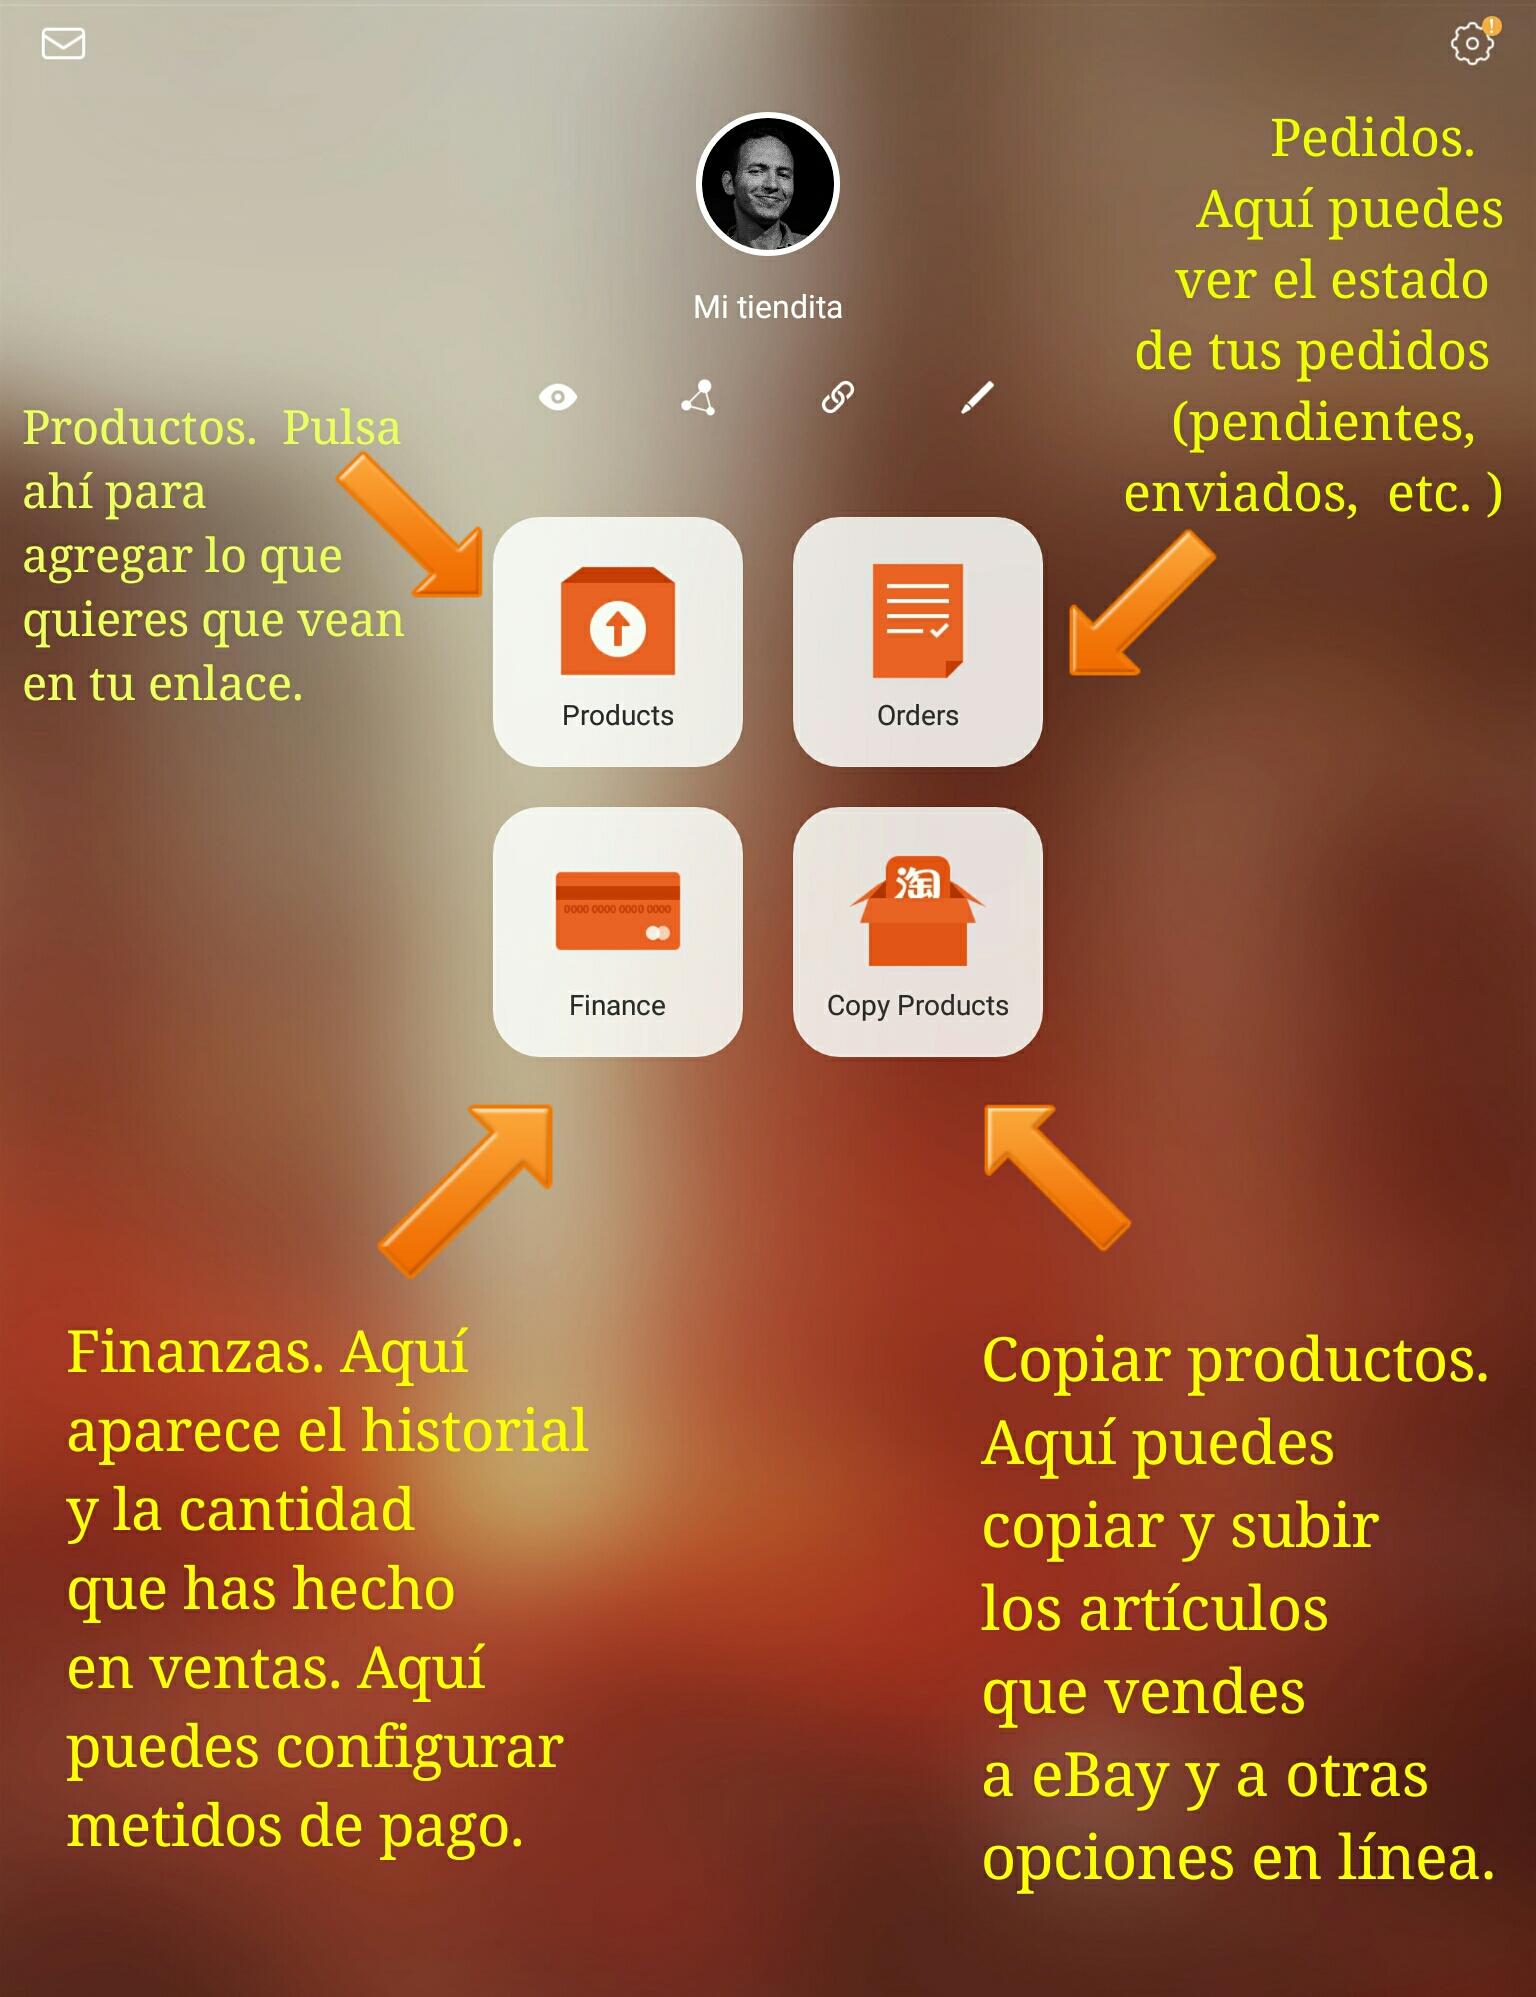 Imagen que describe en español lo que significan las cuatro opciones: Products es productos. Elige esta opción para agregar lo que quieres anunciar en tu enlace. Order es pedidos. En esta opción puedes ver el estado de tus pedidos (pendientes, enviados, etc.). Finance es finanzas. En esta opción aparece el historial y la cantidad de dinero que has hecho en ventas. Aquí puedes configurar los métodos de pago. Copy Products es copiar products. En esta opción puedes copiar y subir lo que vendes a eBay y otras opciones en línea.